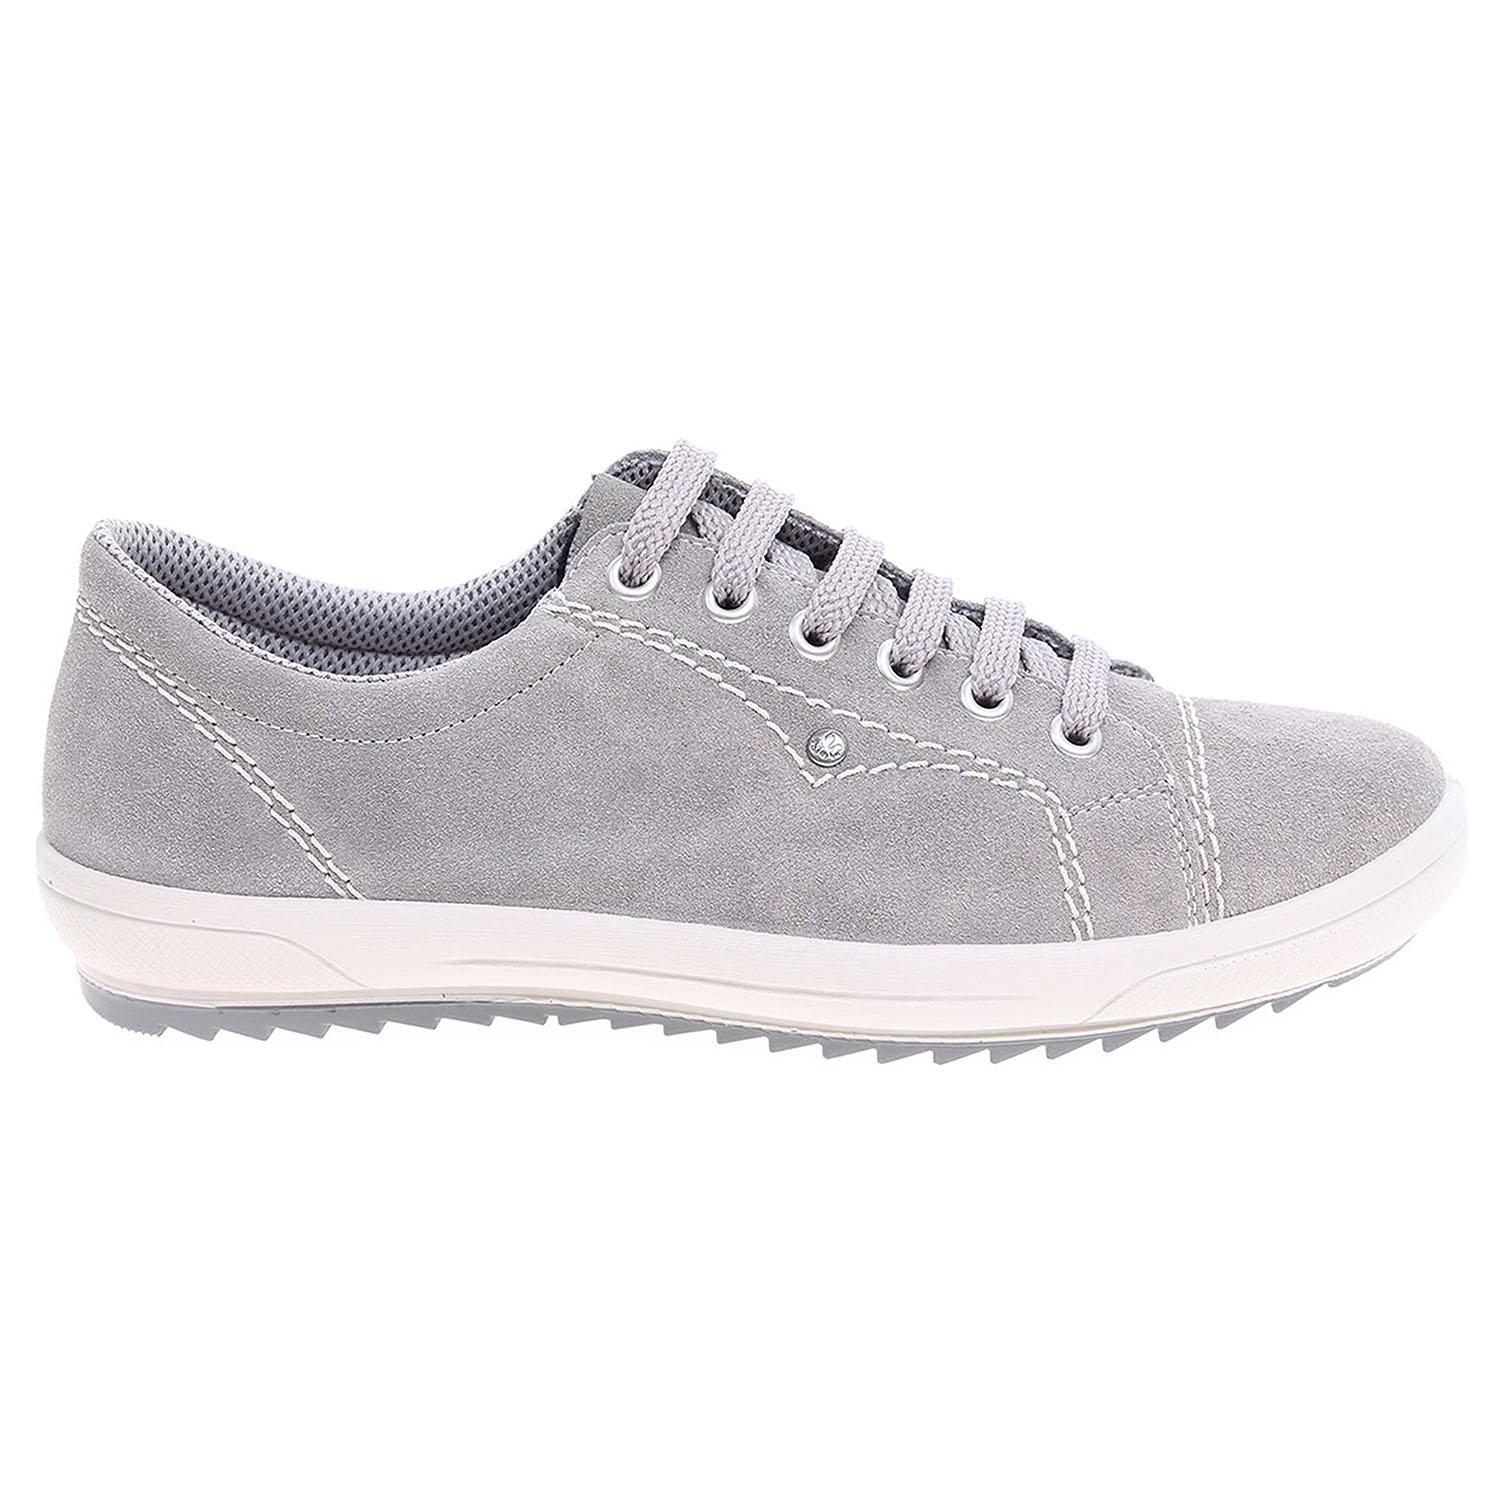 Ecco Rieker dámská obuv M6014-42 šedá 23200597